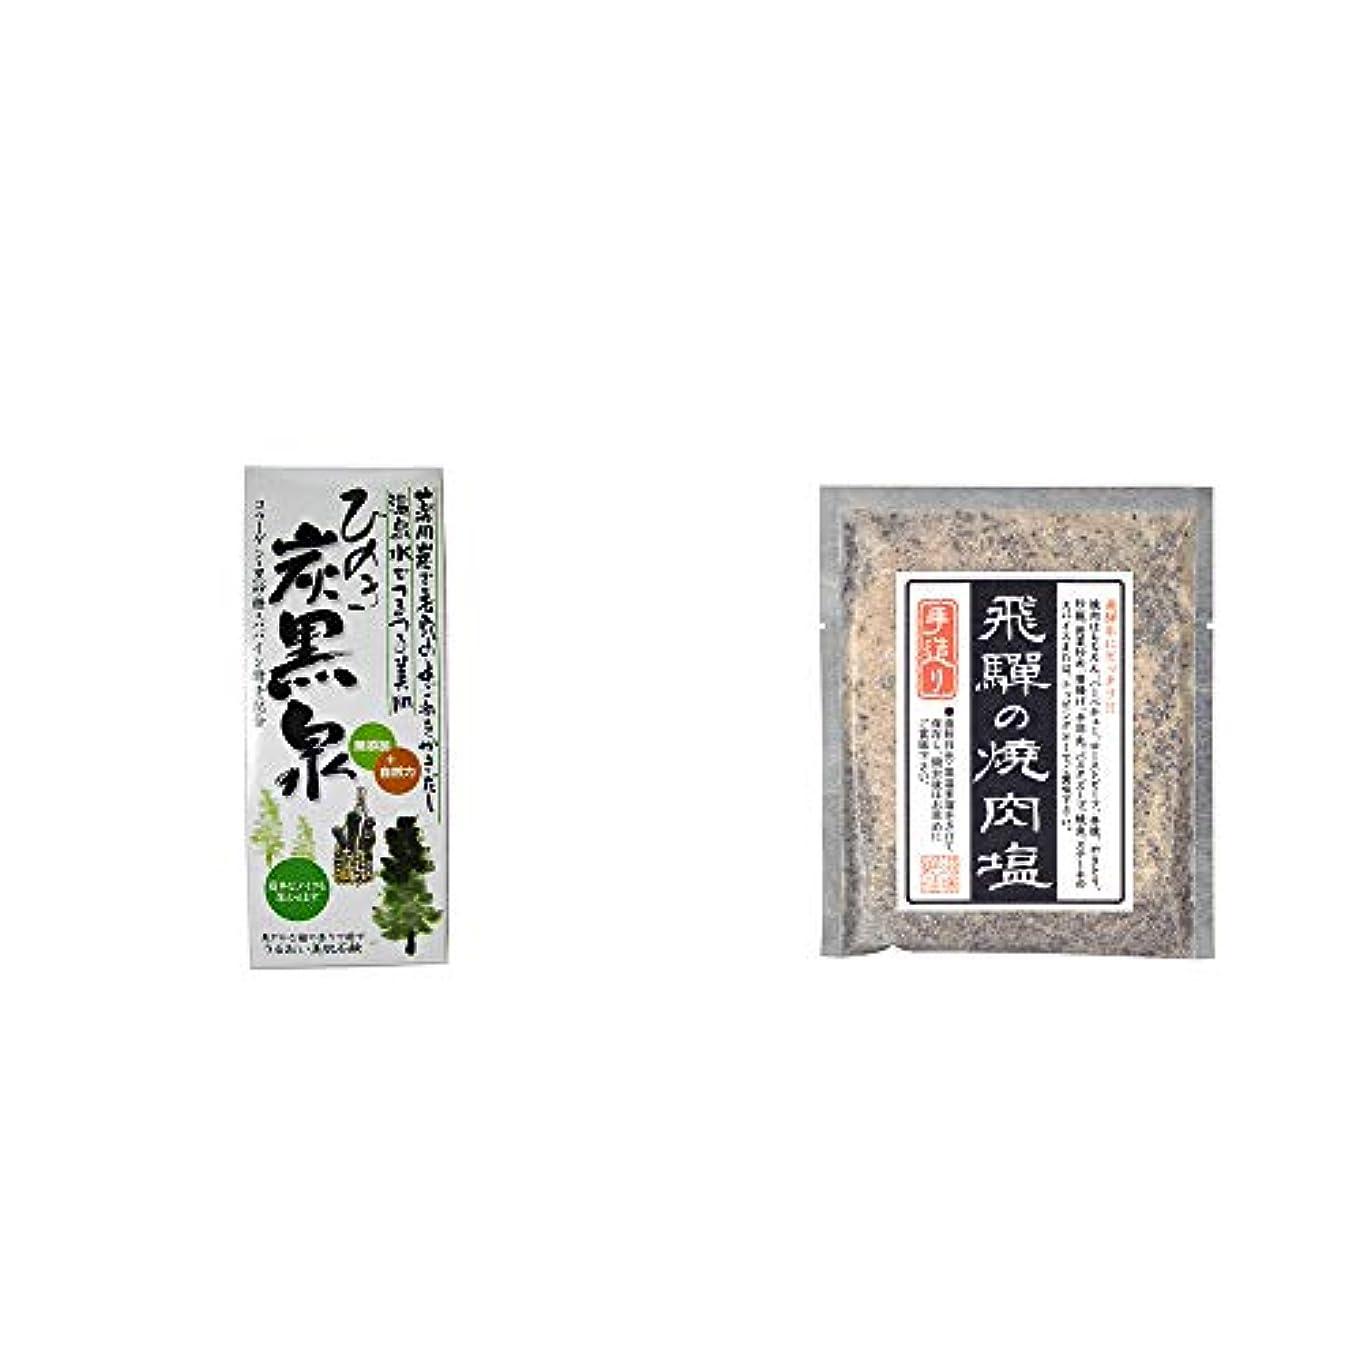 検索トラフィック民間[2点セット] ひのき炭黒泉 箱入り(75g×3)?手造り 飛騨の焼肉塩(80g)